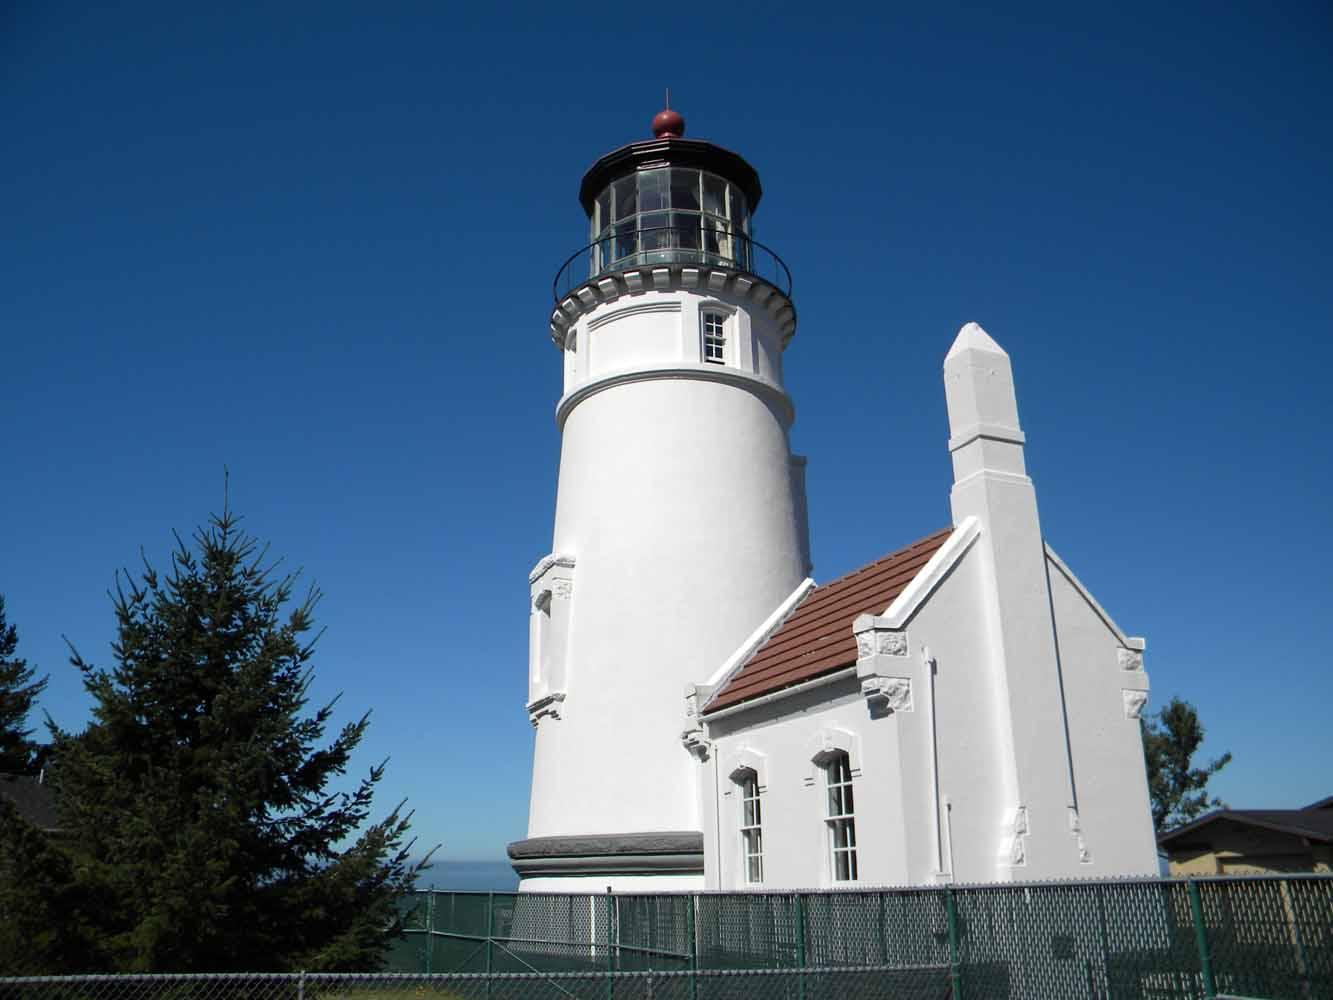 Douglas County Umpqua Lighthouse Museum